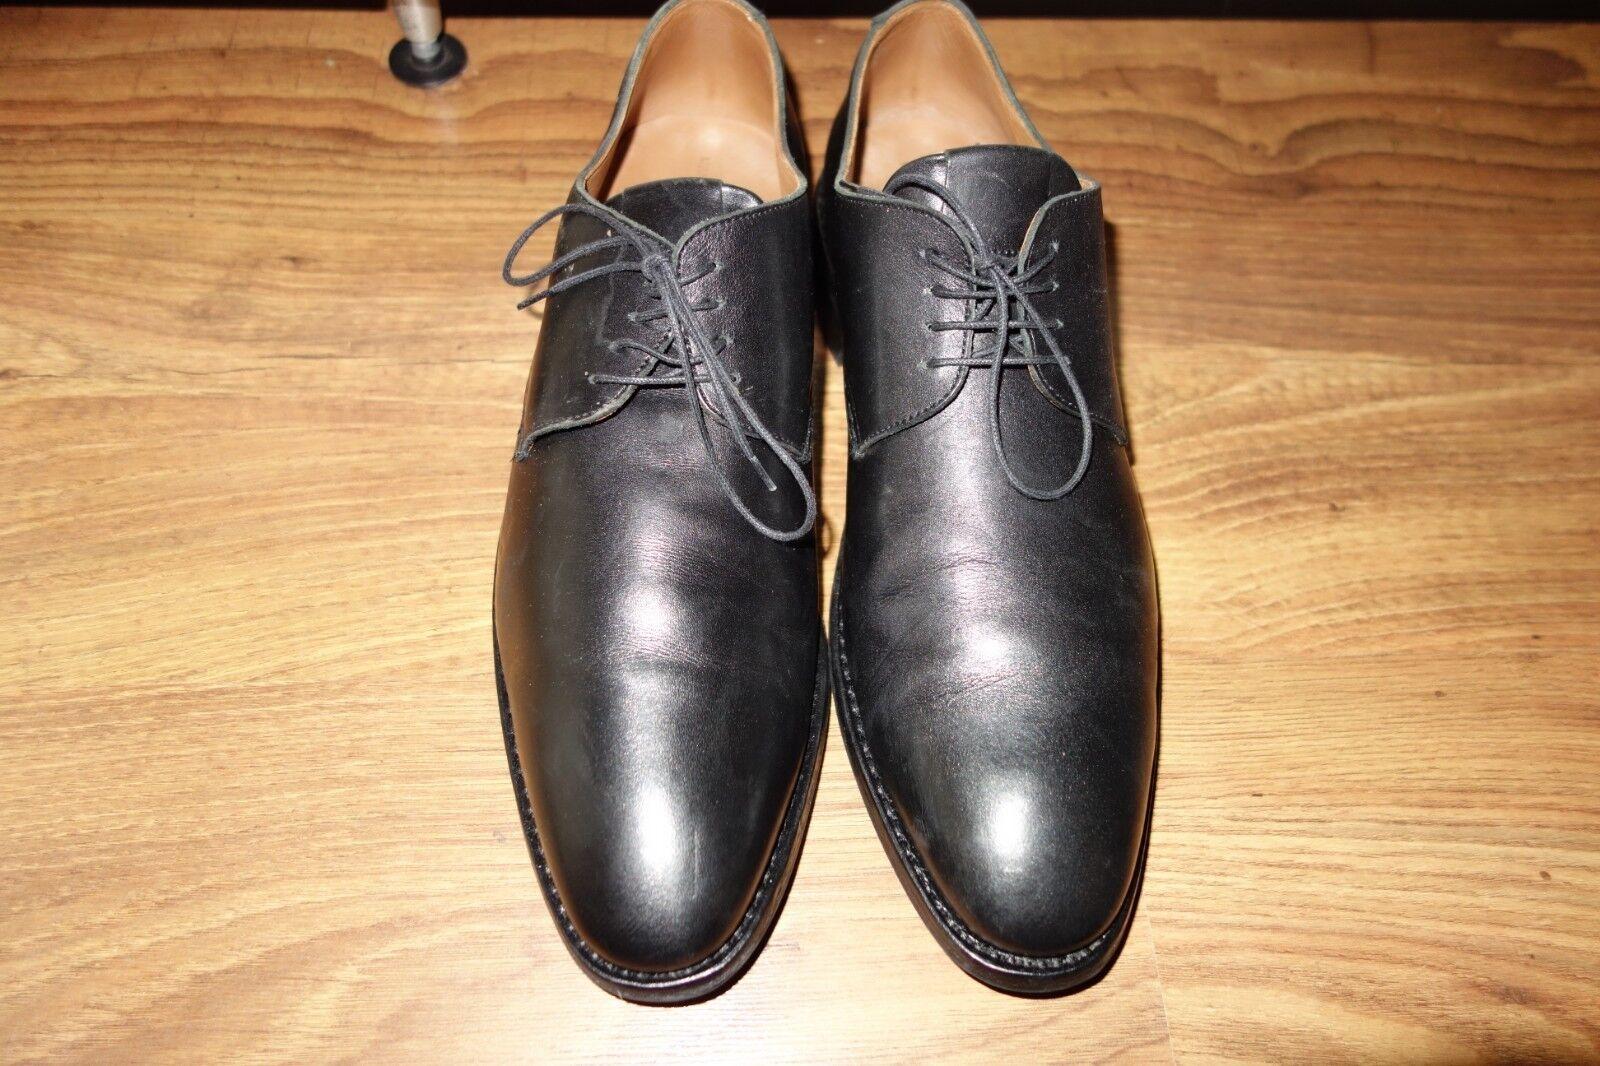 super heschung, en excellent cuir noir, taille 10, excellent en état 54a0dd